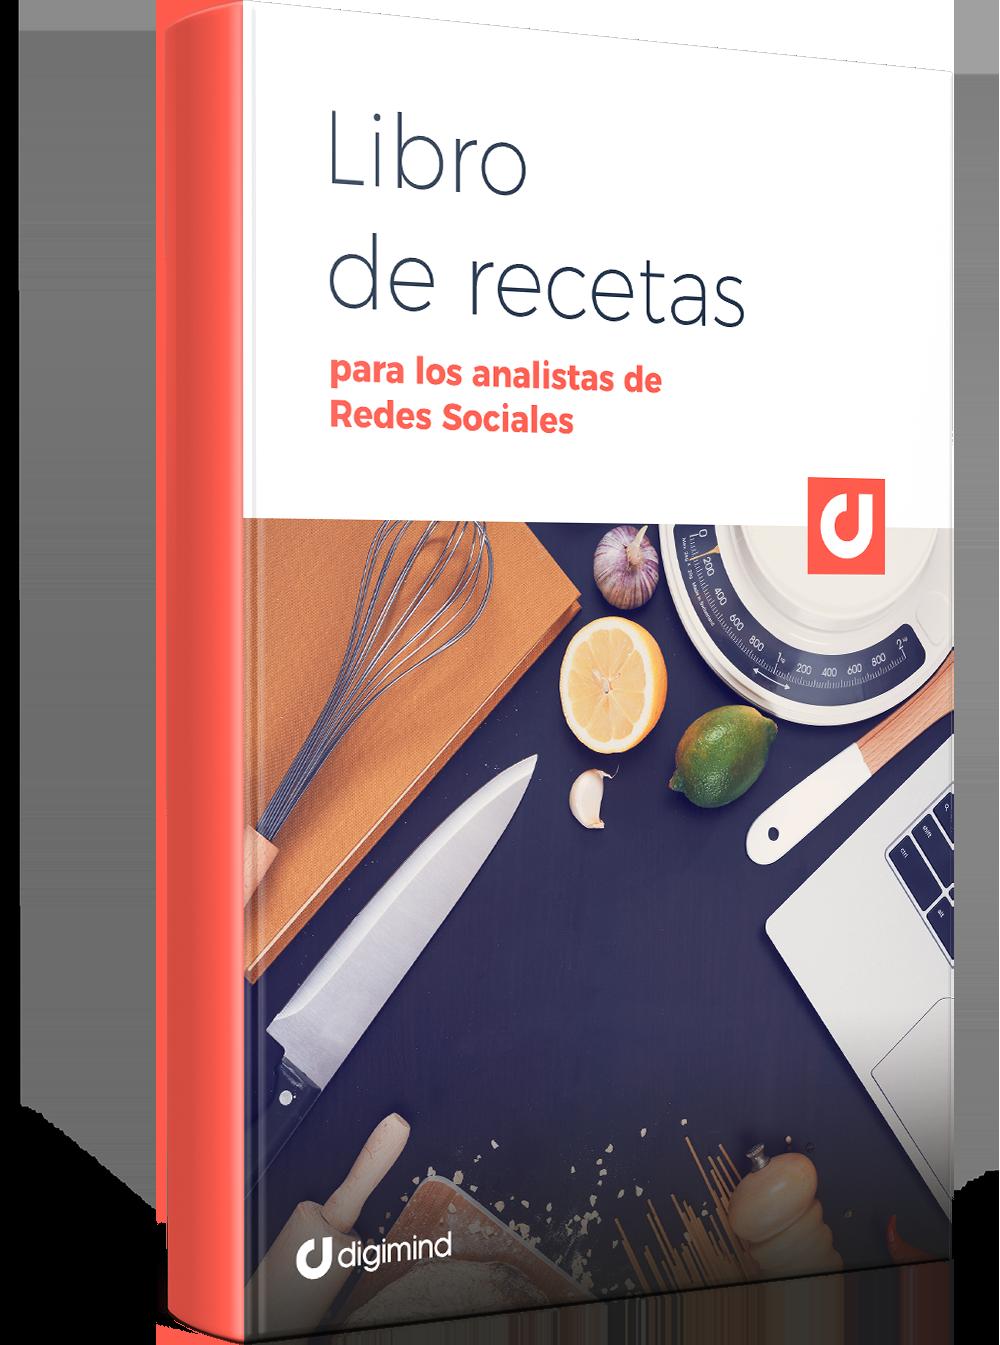 ES - Libro de recetas para los analistas de Redes Sociales_3D BOOK.png